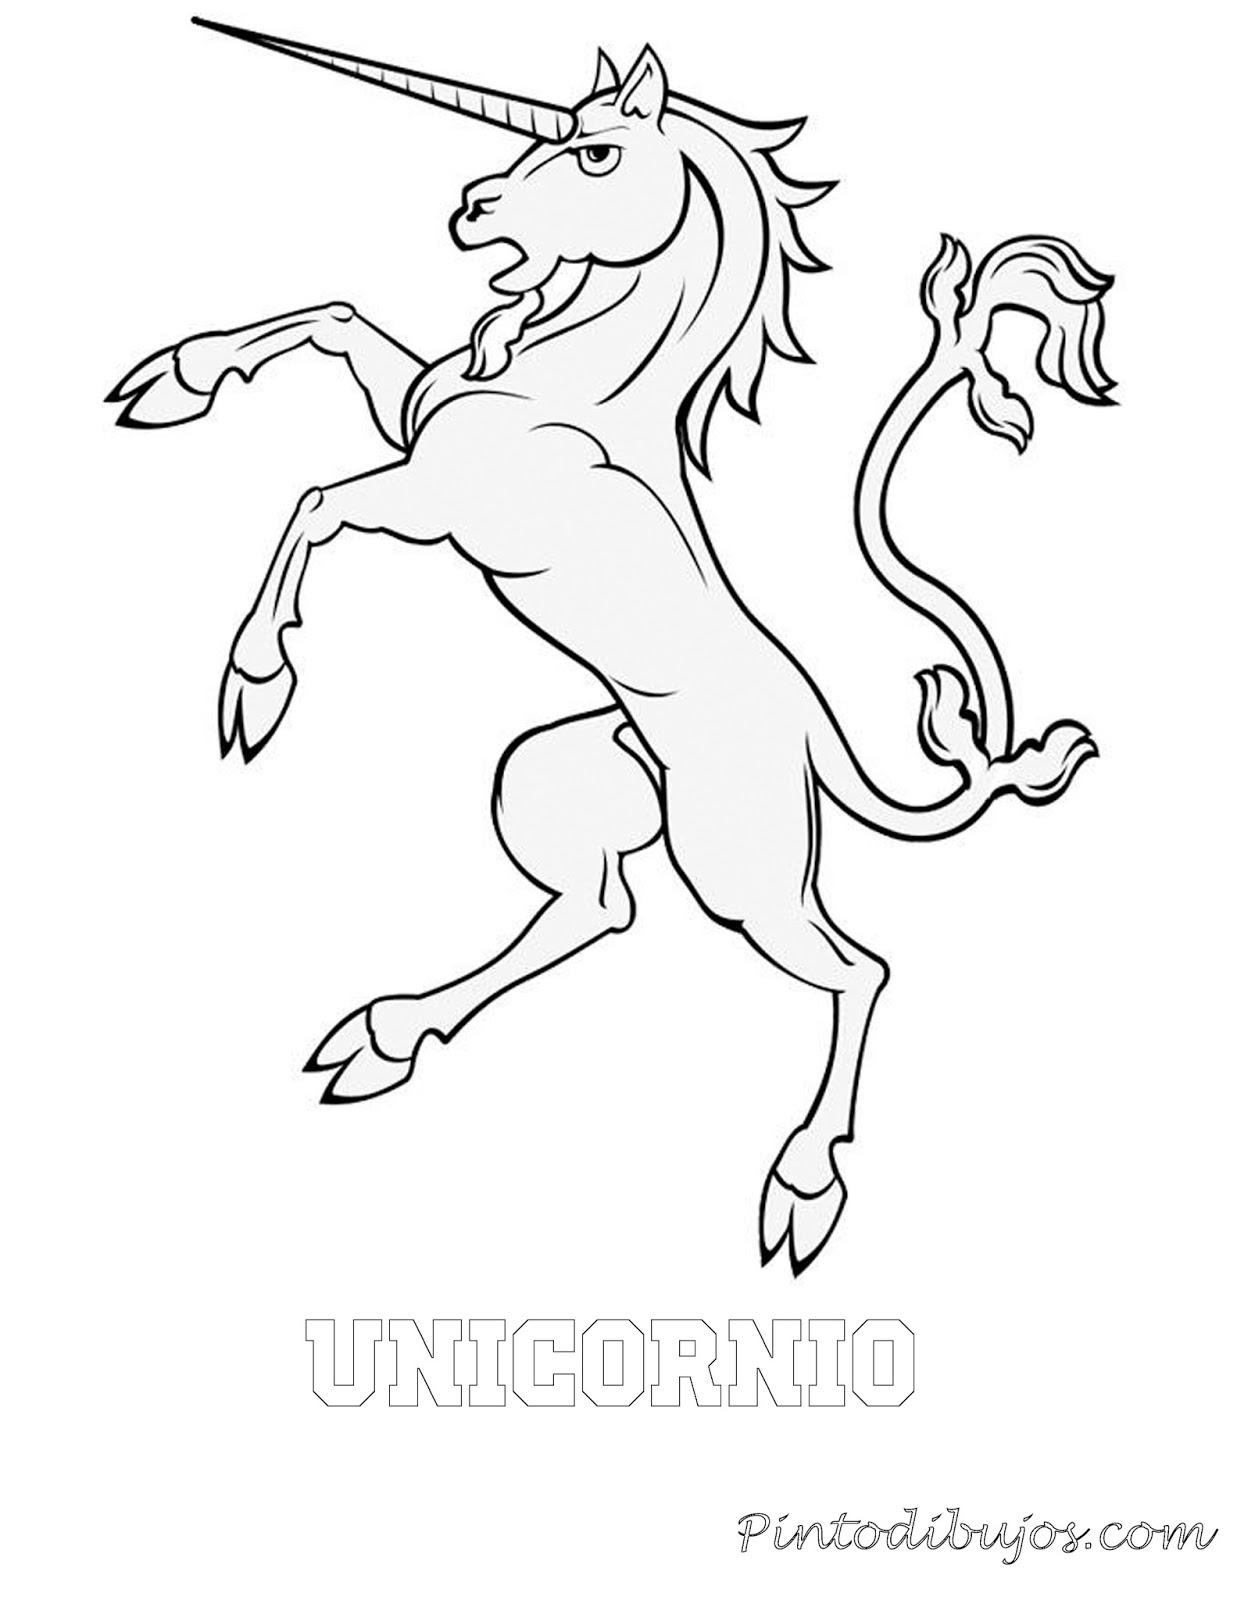 Unicornio para colorear